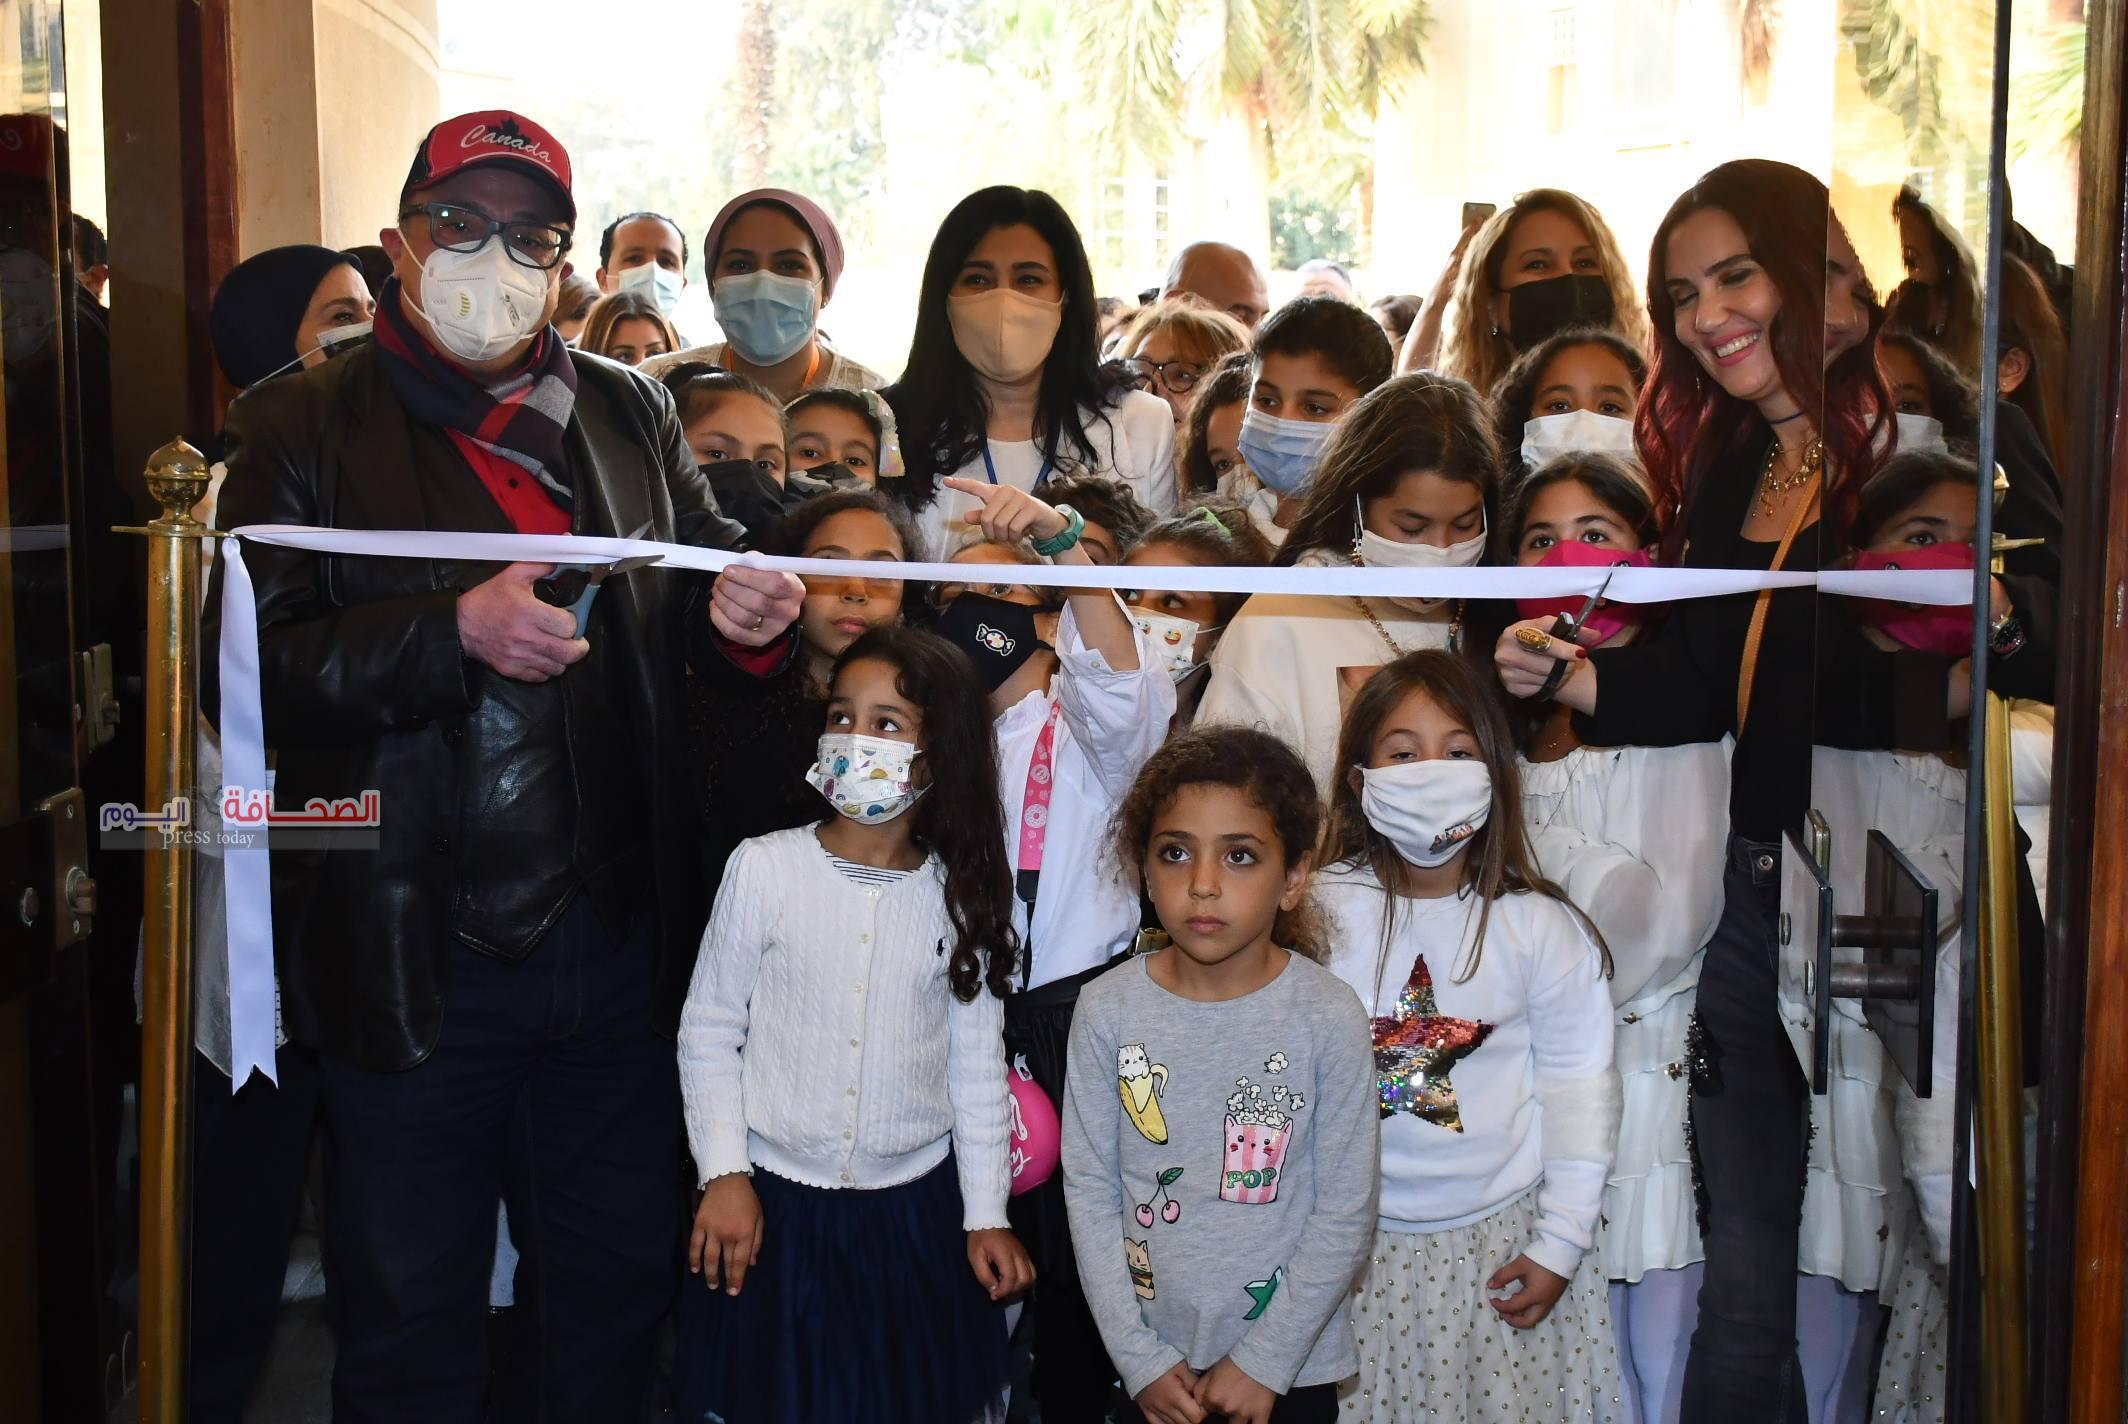 بالصور: إفتتاح معرض إبداع بلا حدود لرسوم الاطفال بدار الاوبرا المصرية